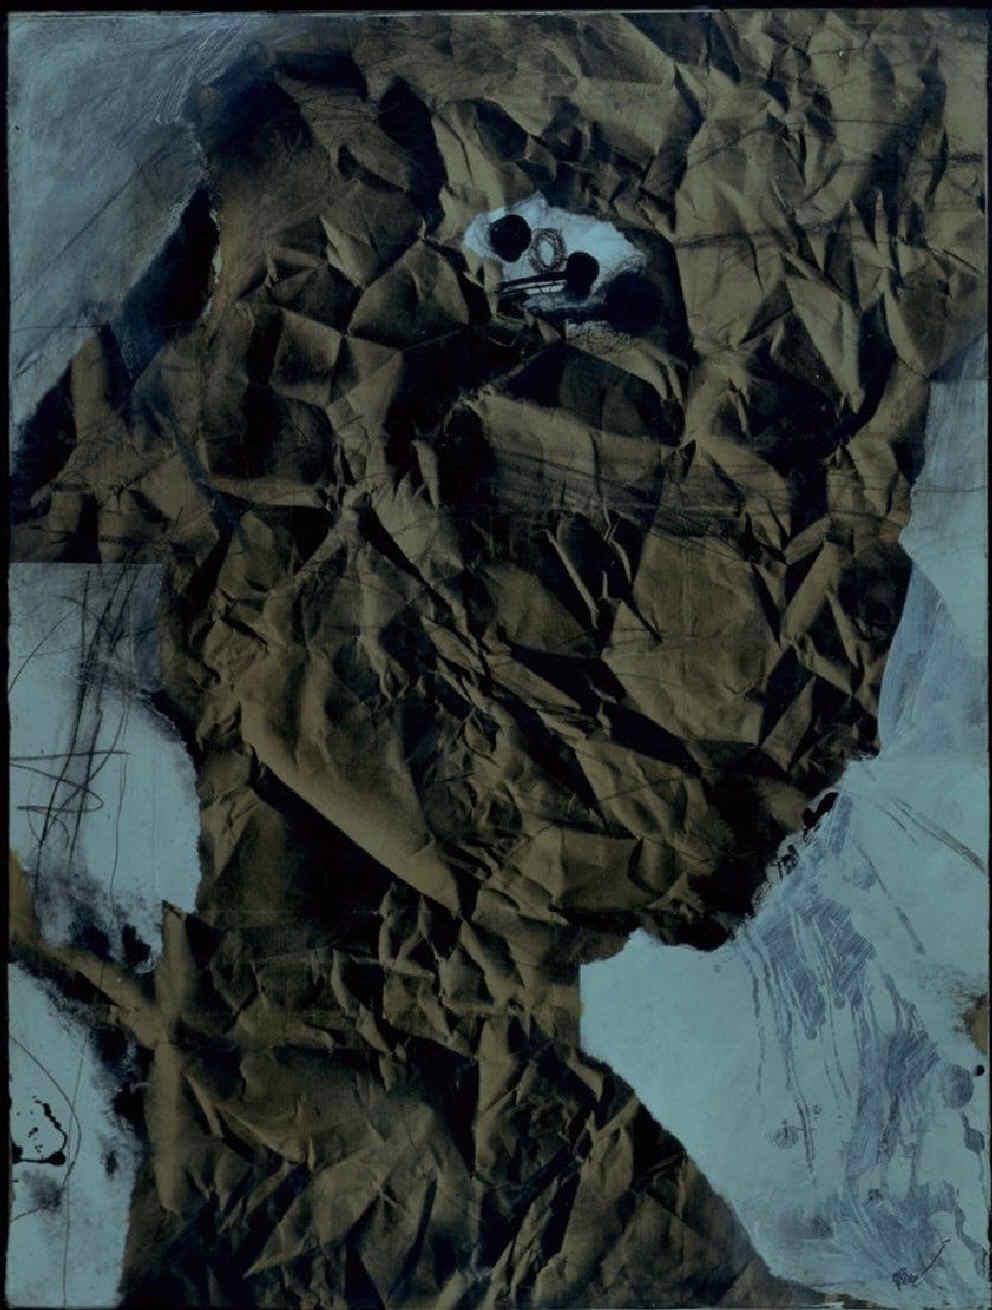 Home de paper arrugat [Hombre de papel arrugado]